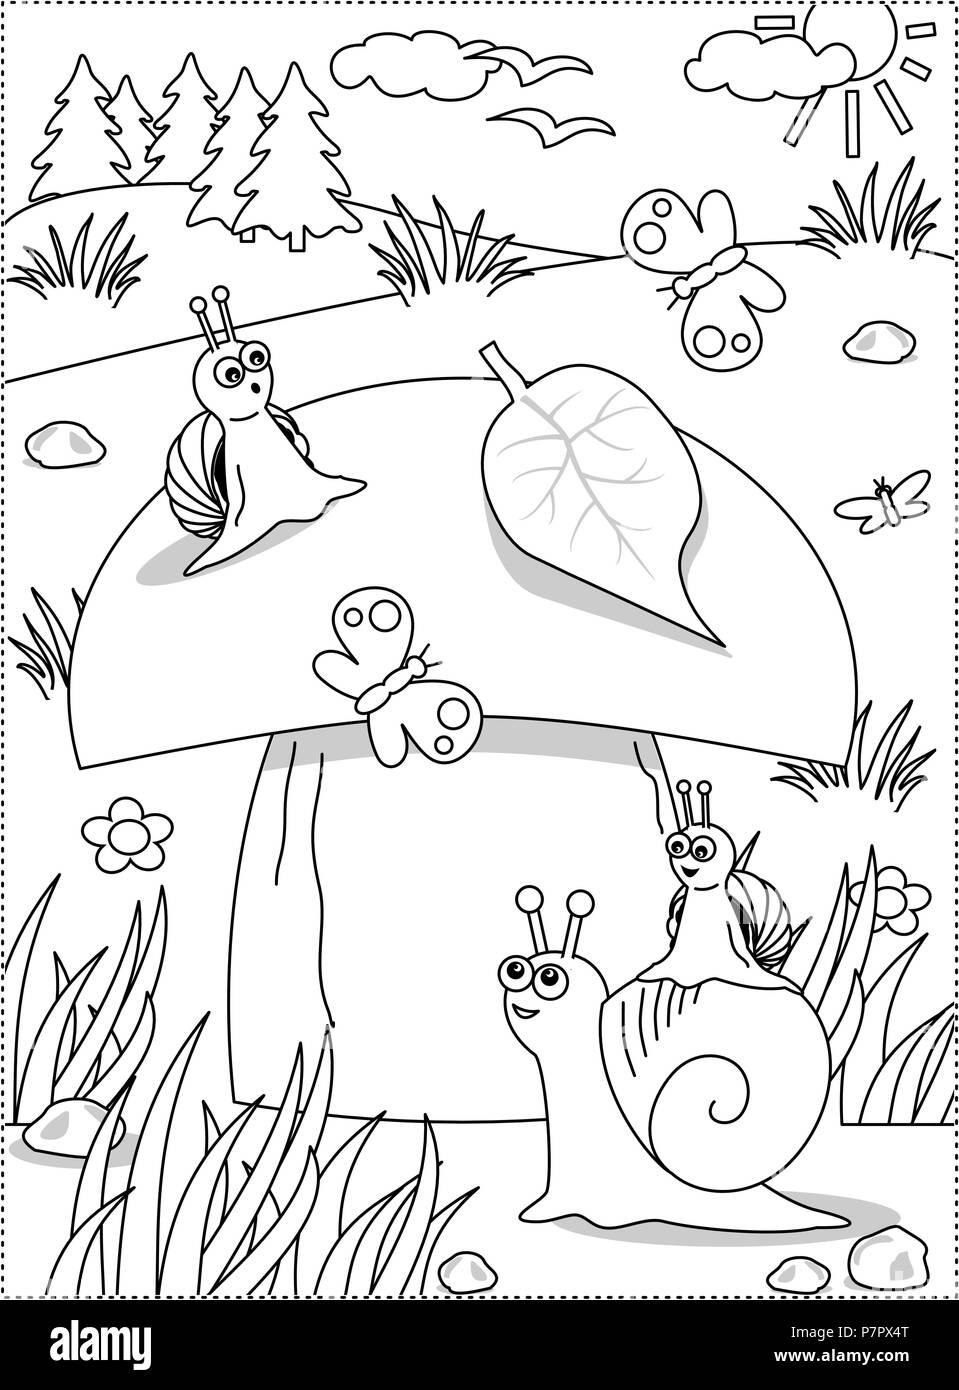 Coloriage Escargot Automne.L Ete Ou Automne Theme Joie Coloriage Avec Gros Champignons